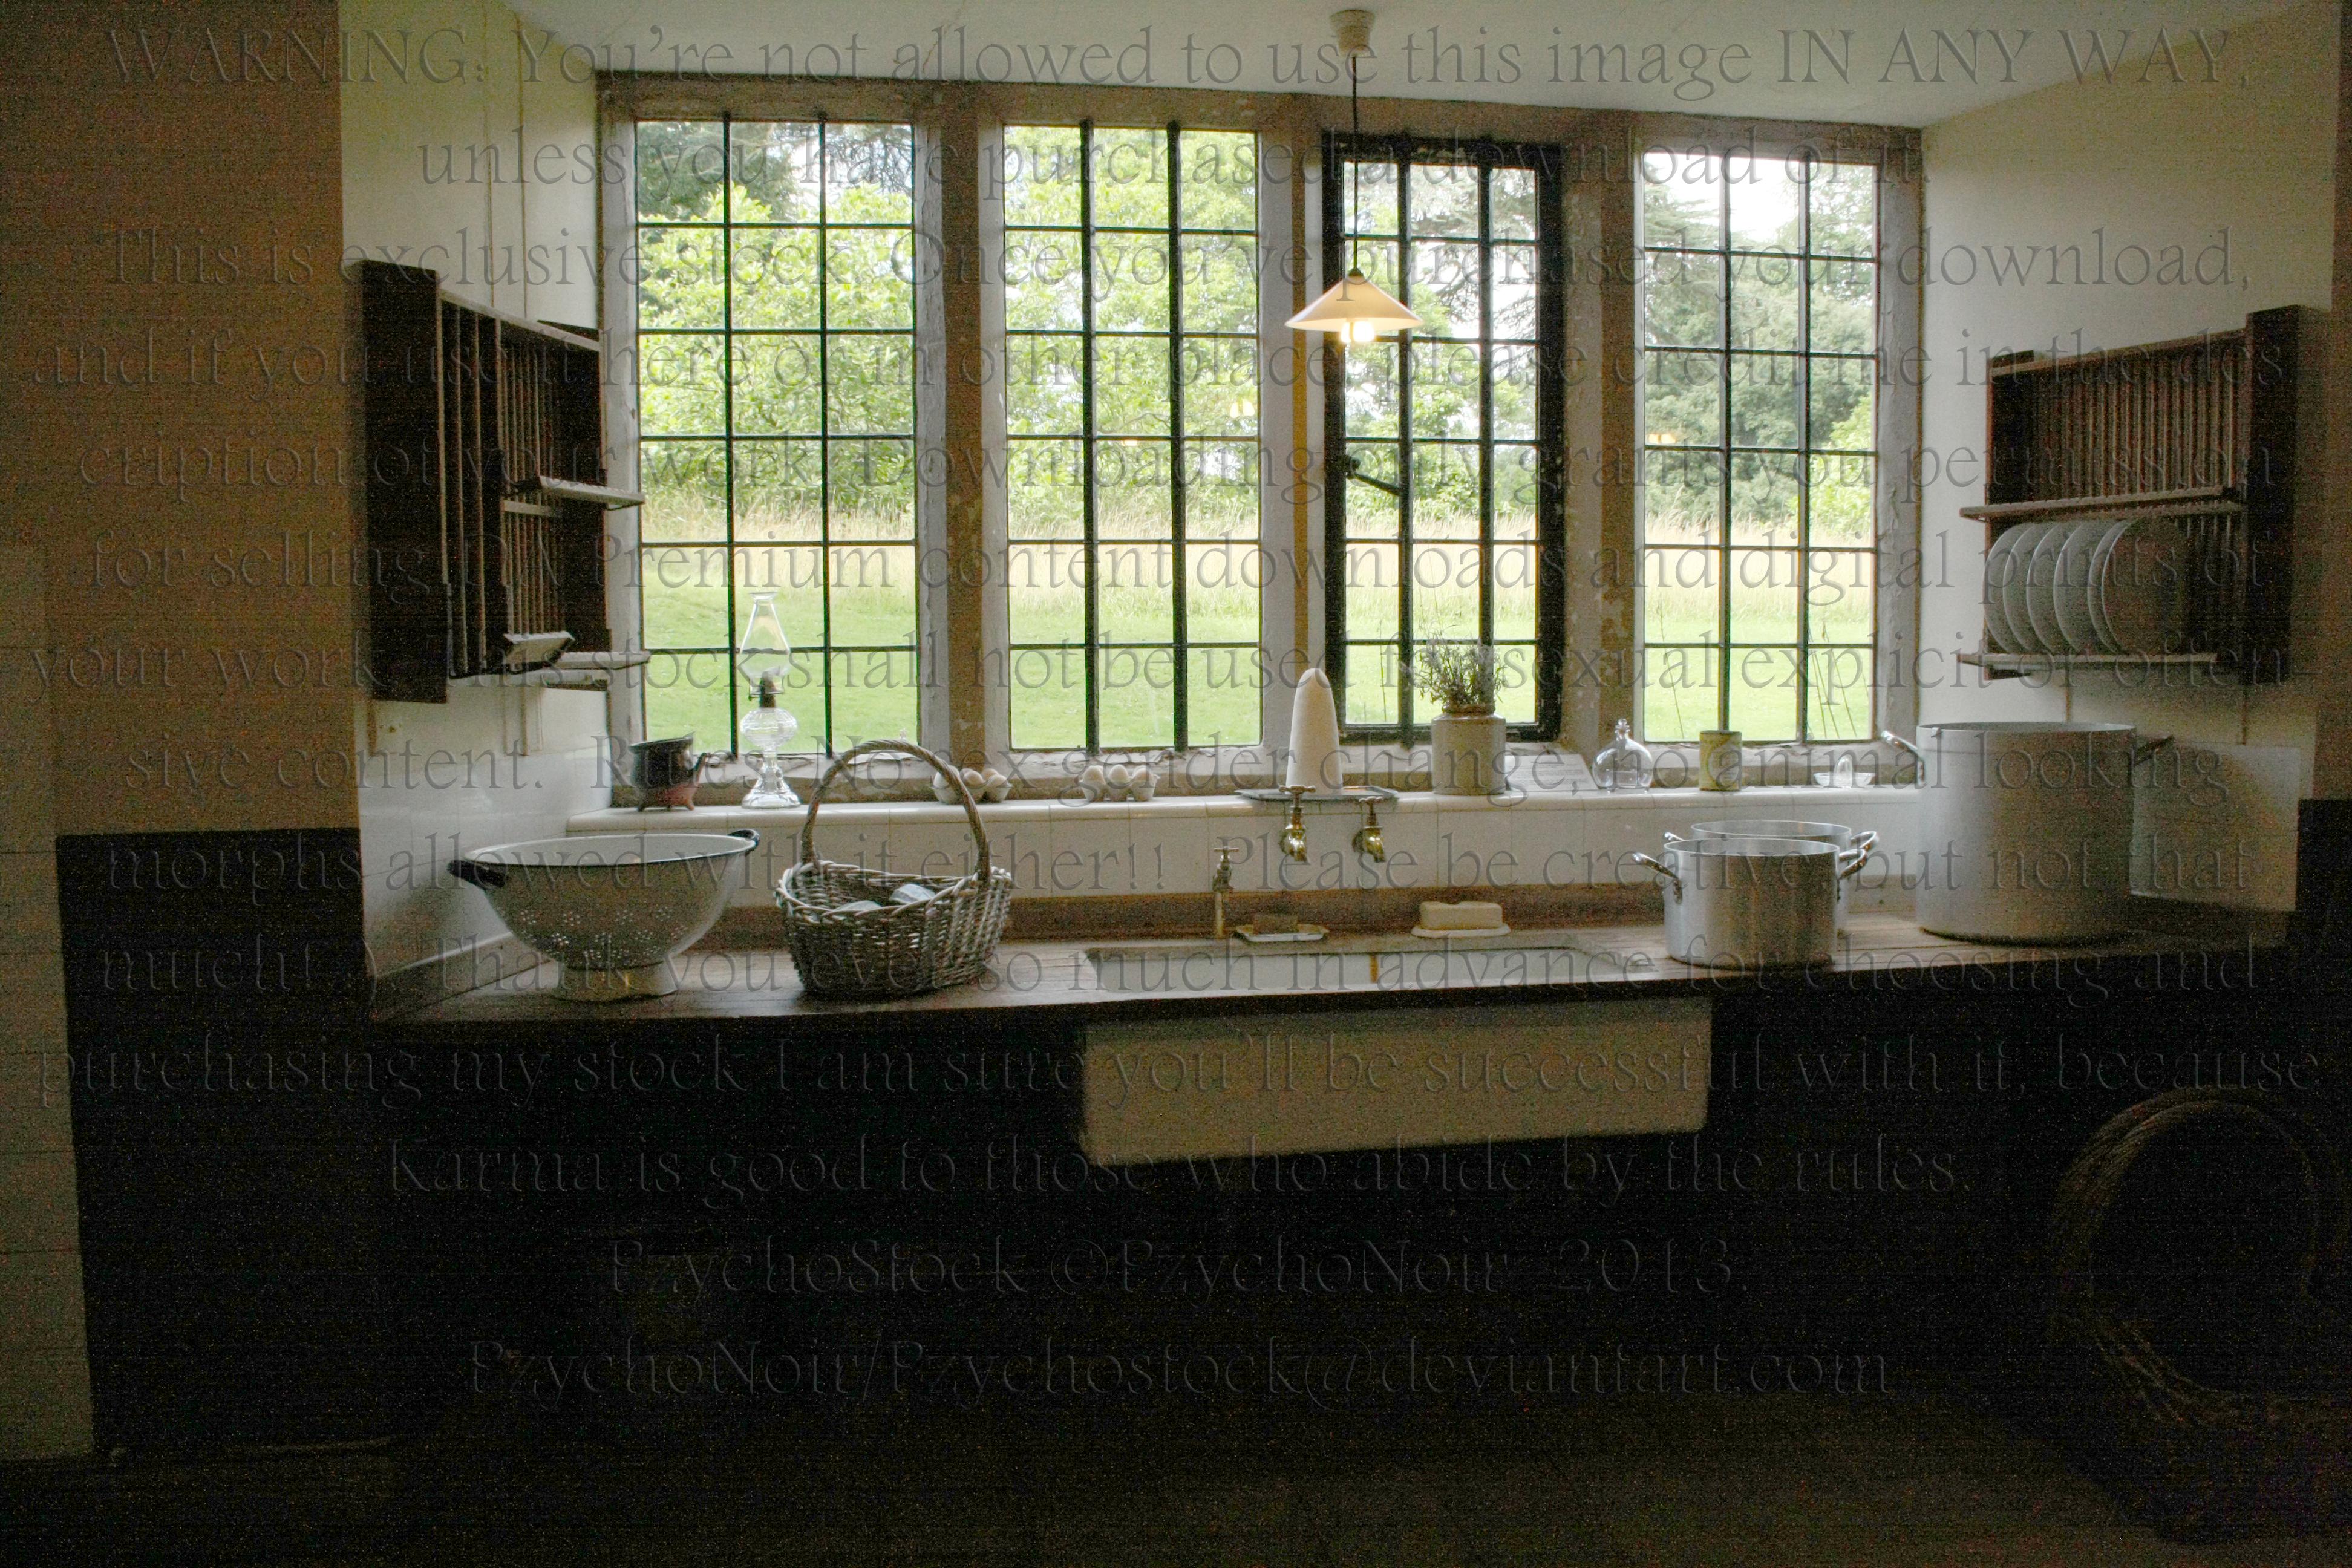 Kitchen II by PzychoStock